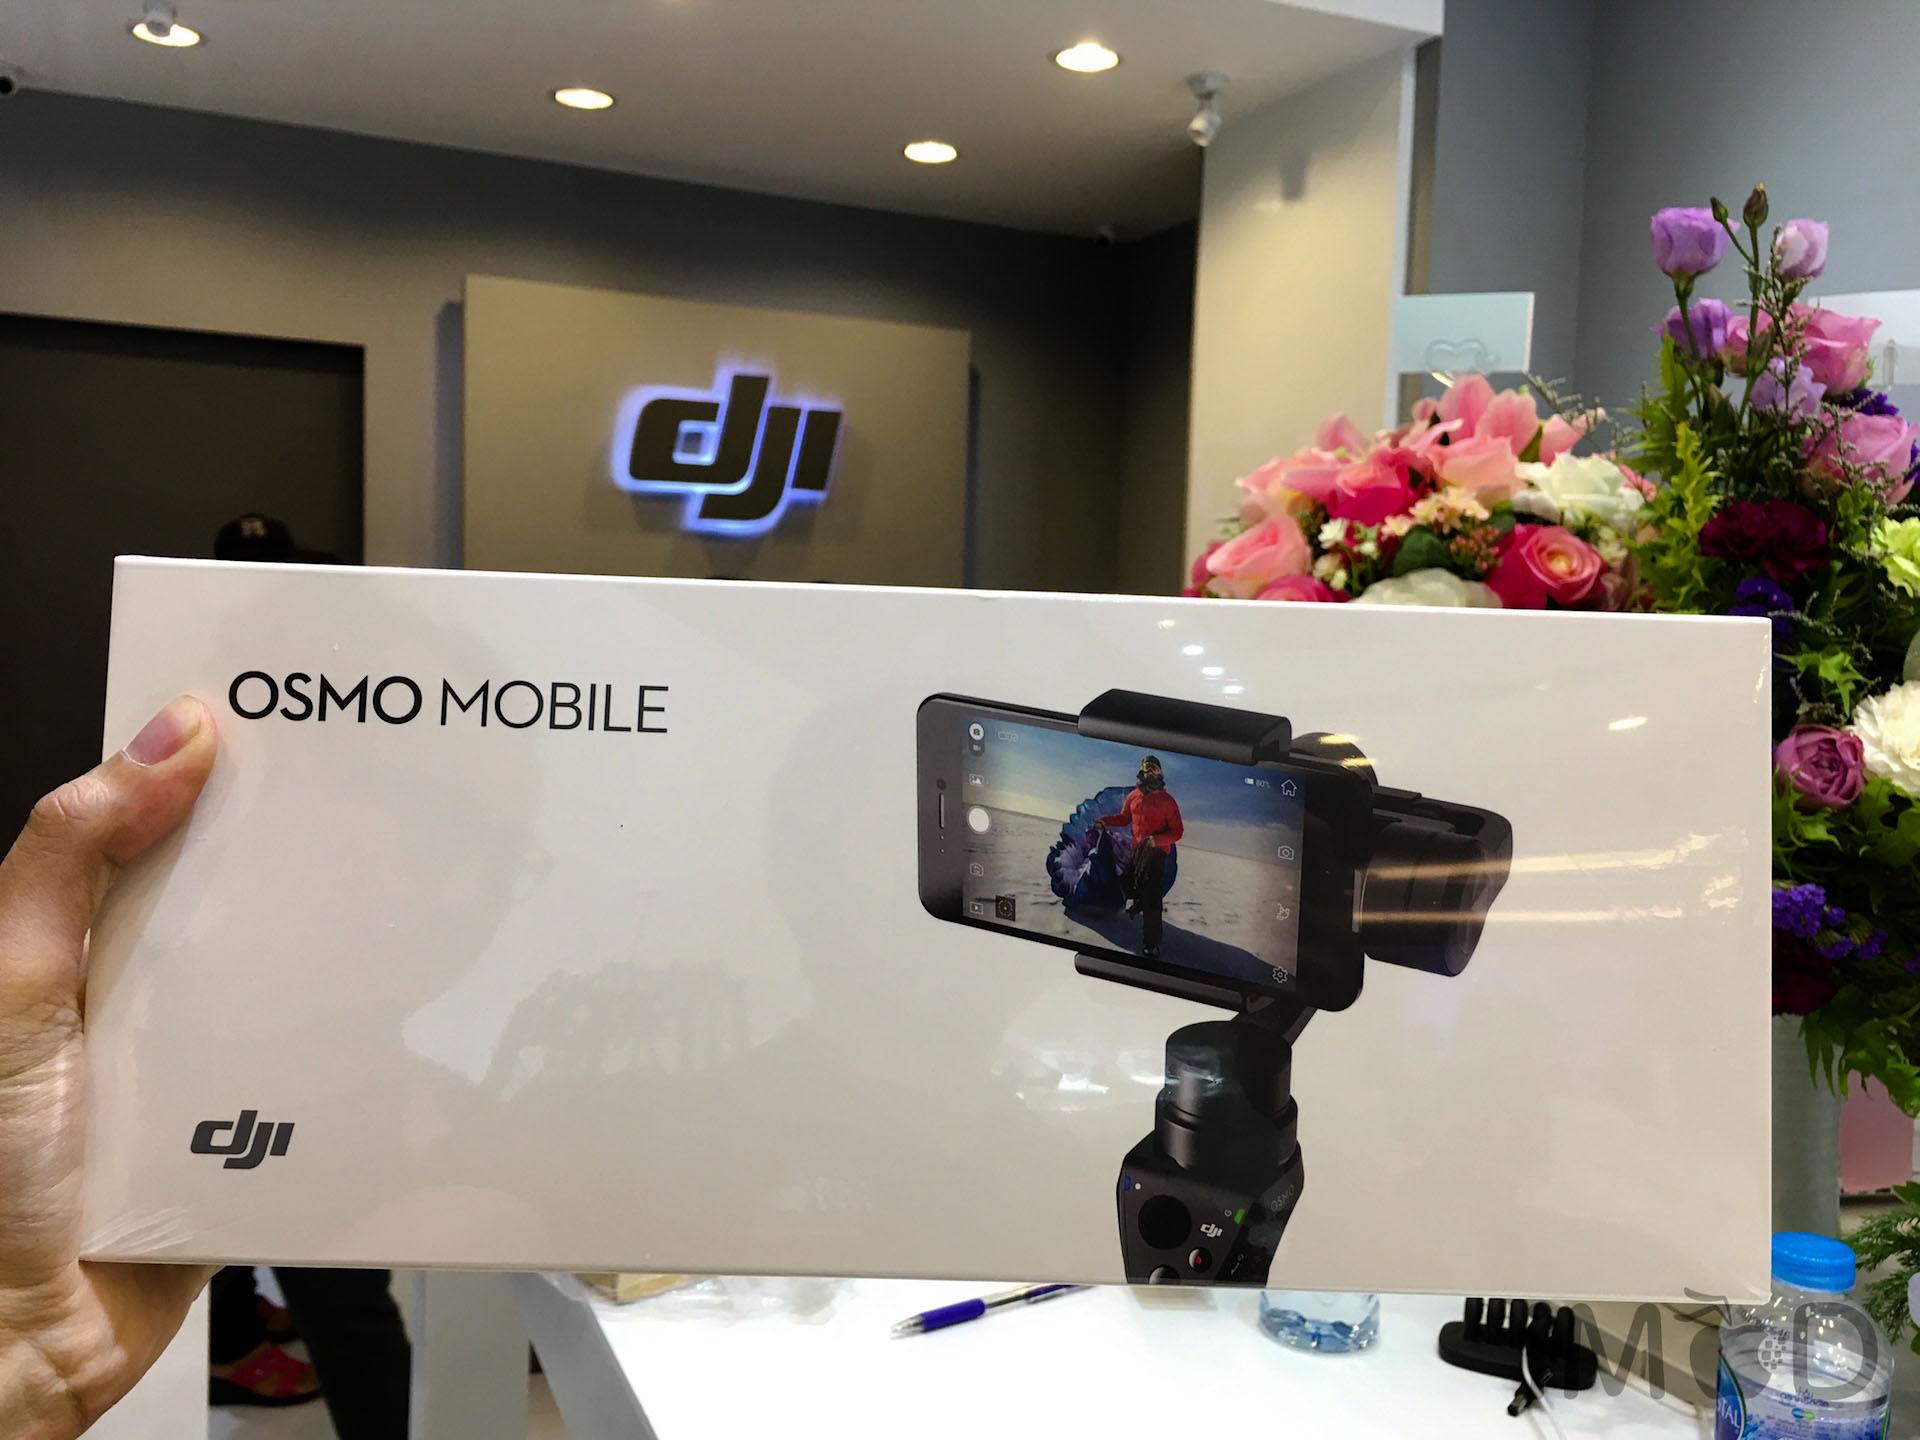 dji-osmo-mobile-box